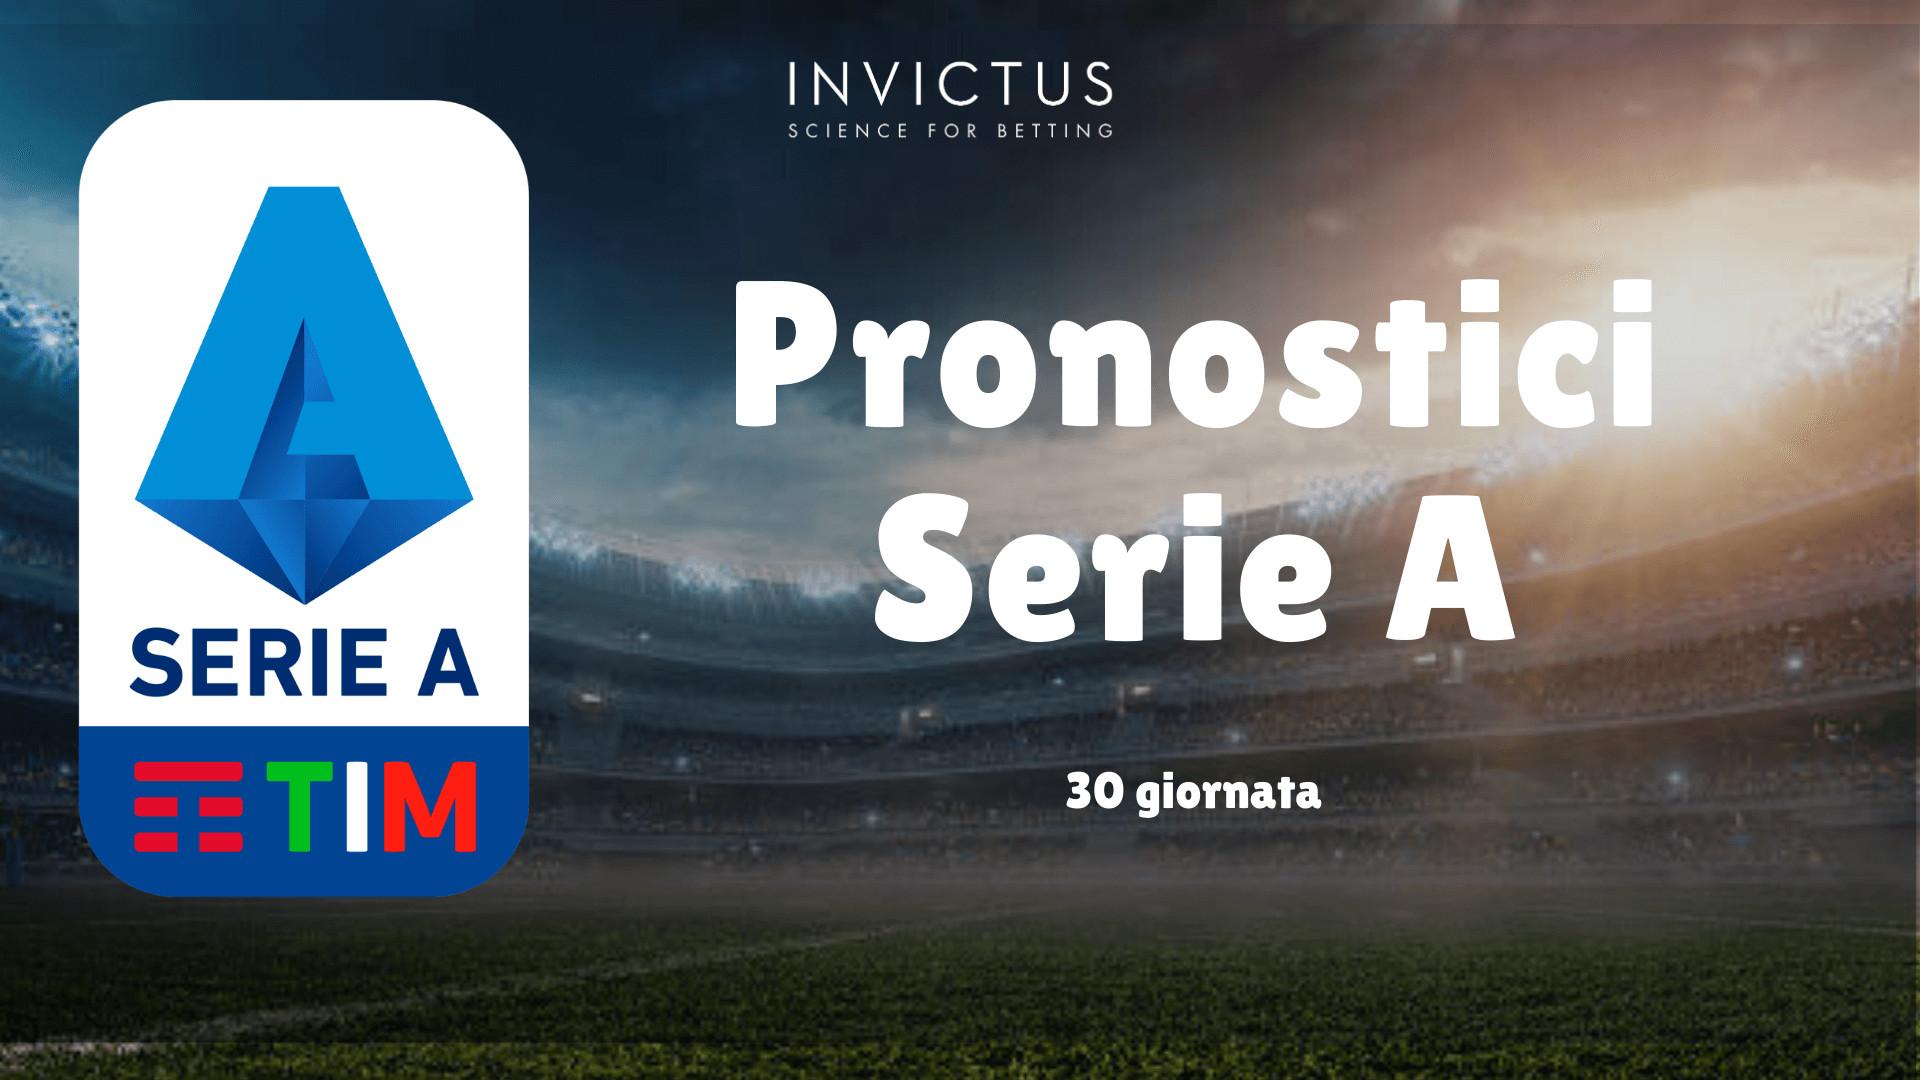 Pronostici Serie A 30 Giornata Invictus Blog